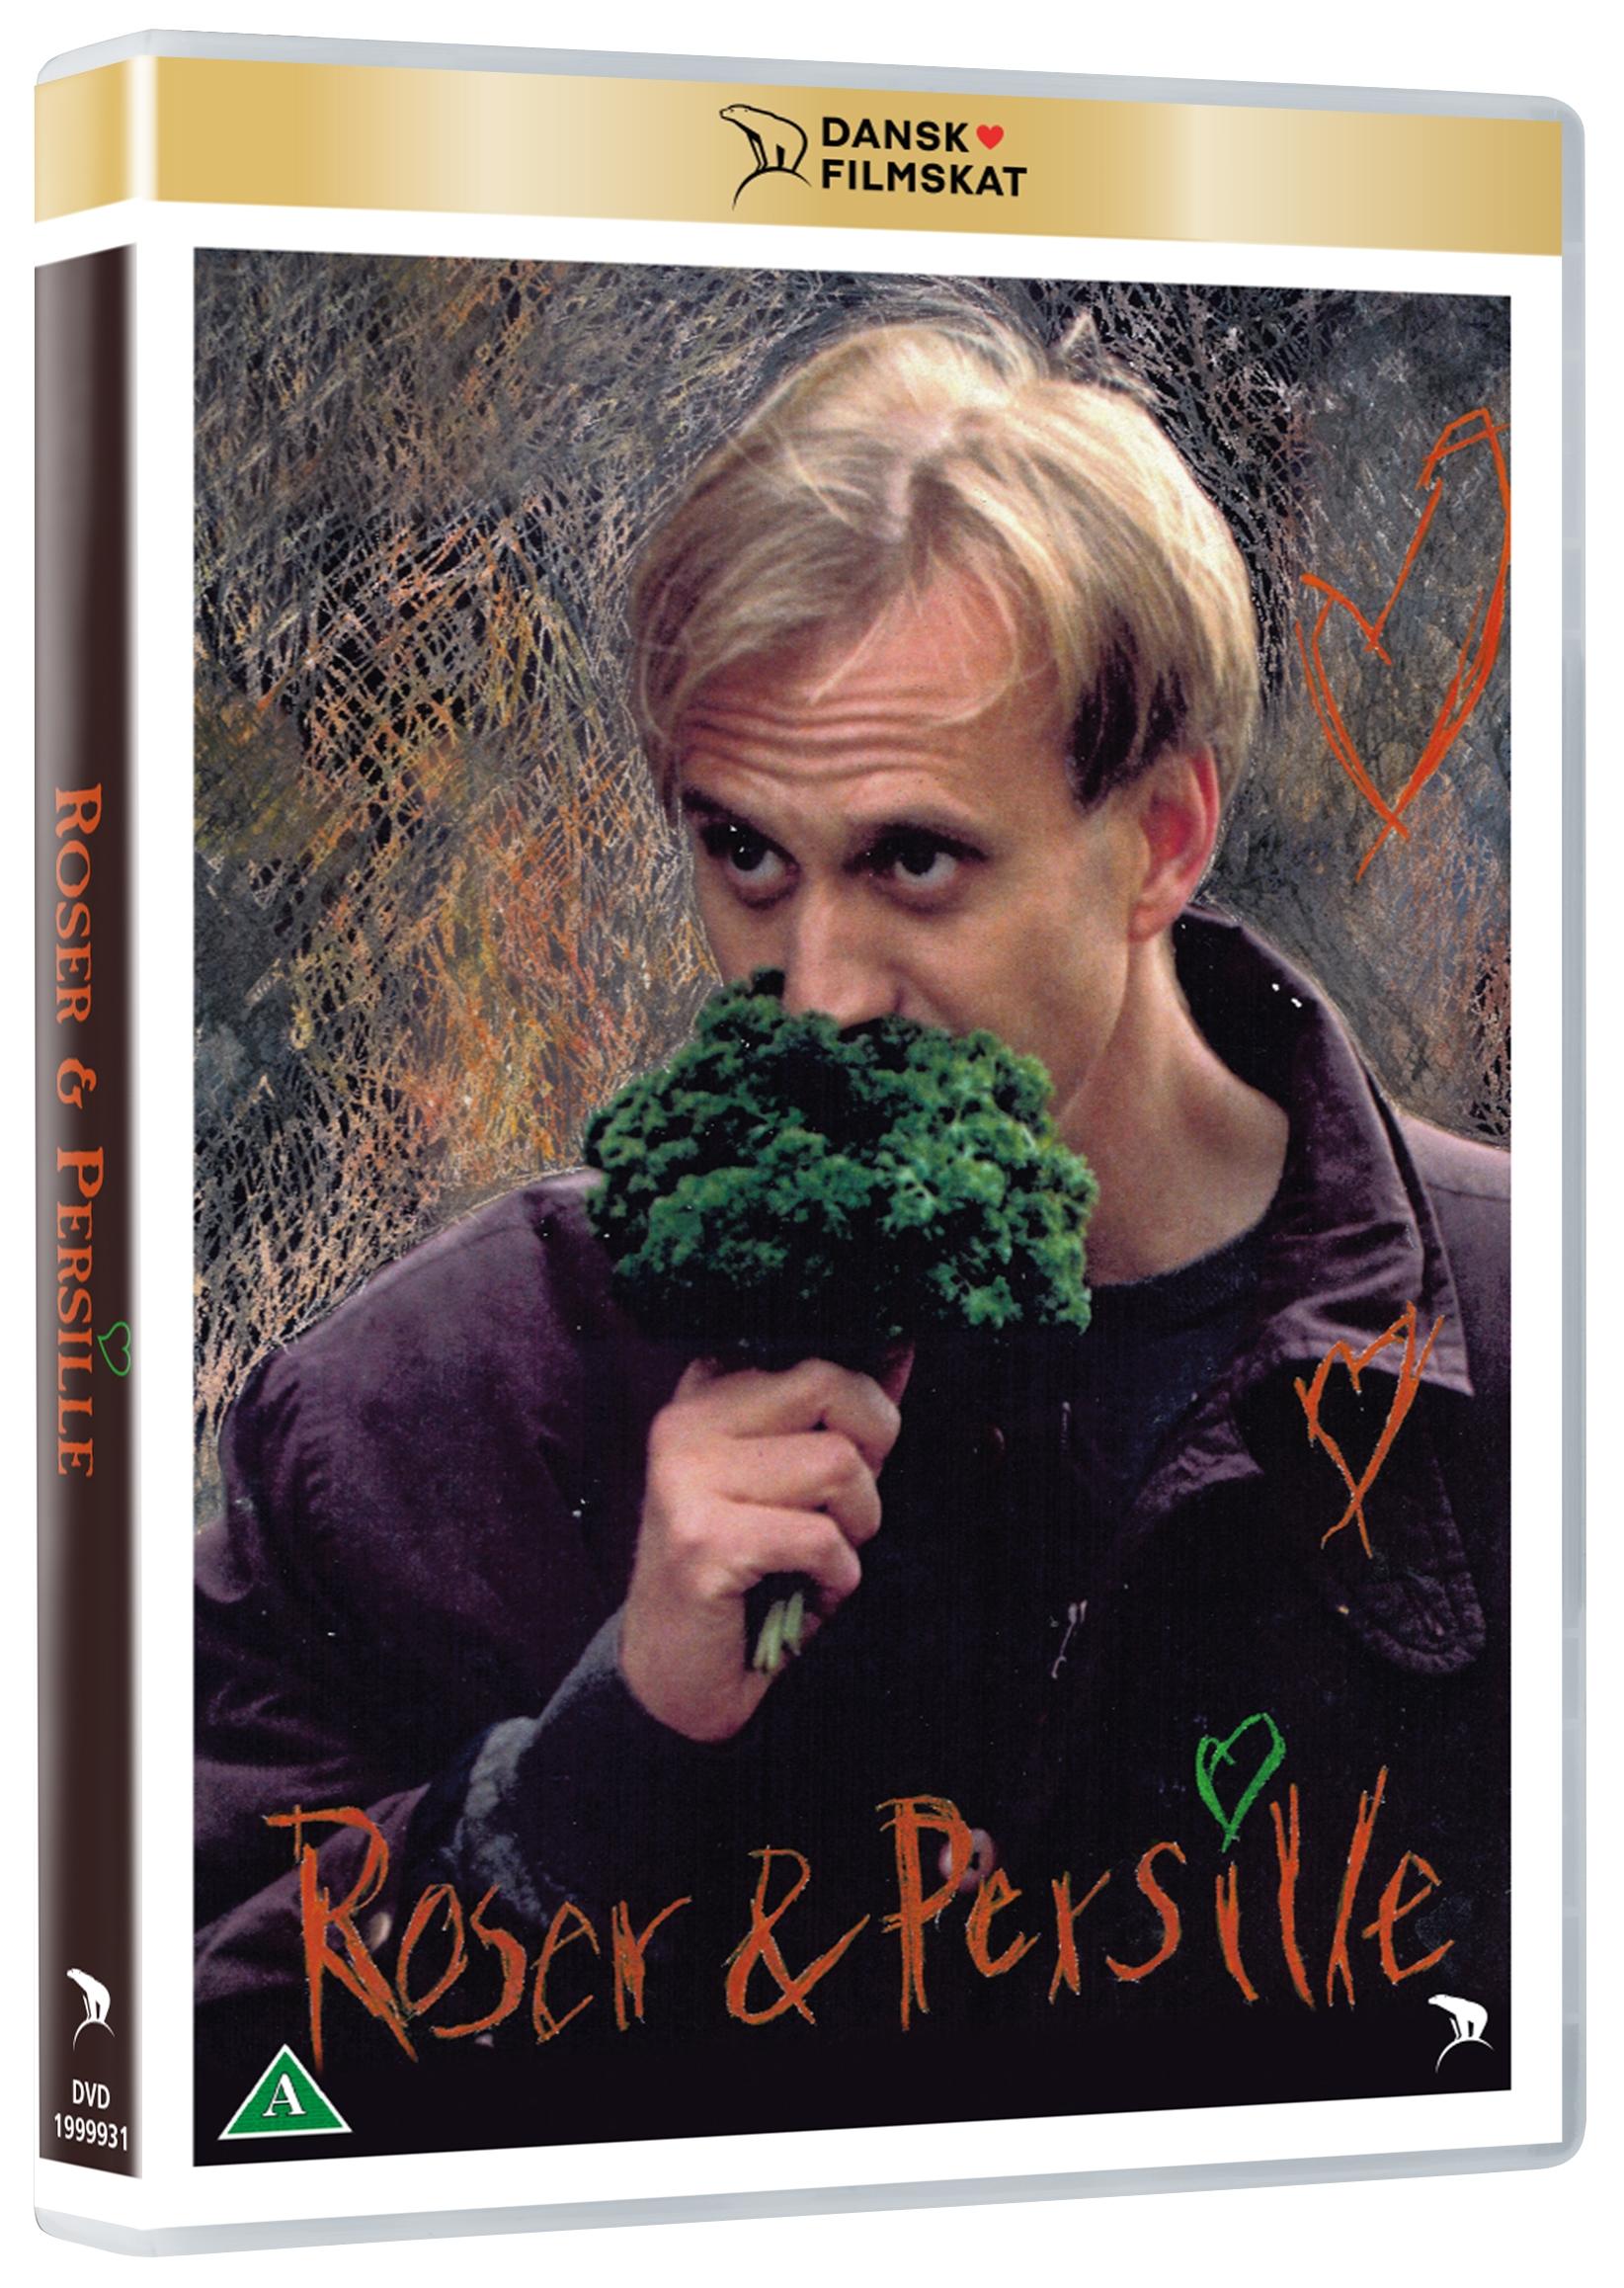 Roser Og Persille -  - Film - Nordisk Film - 5708758689359 - February 11, 2021